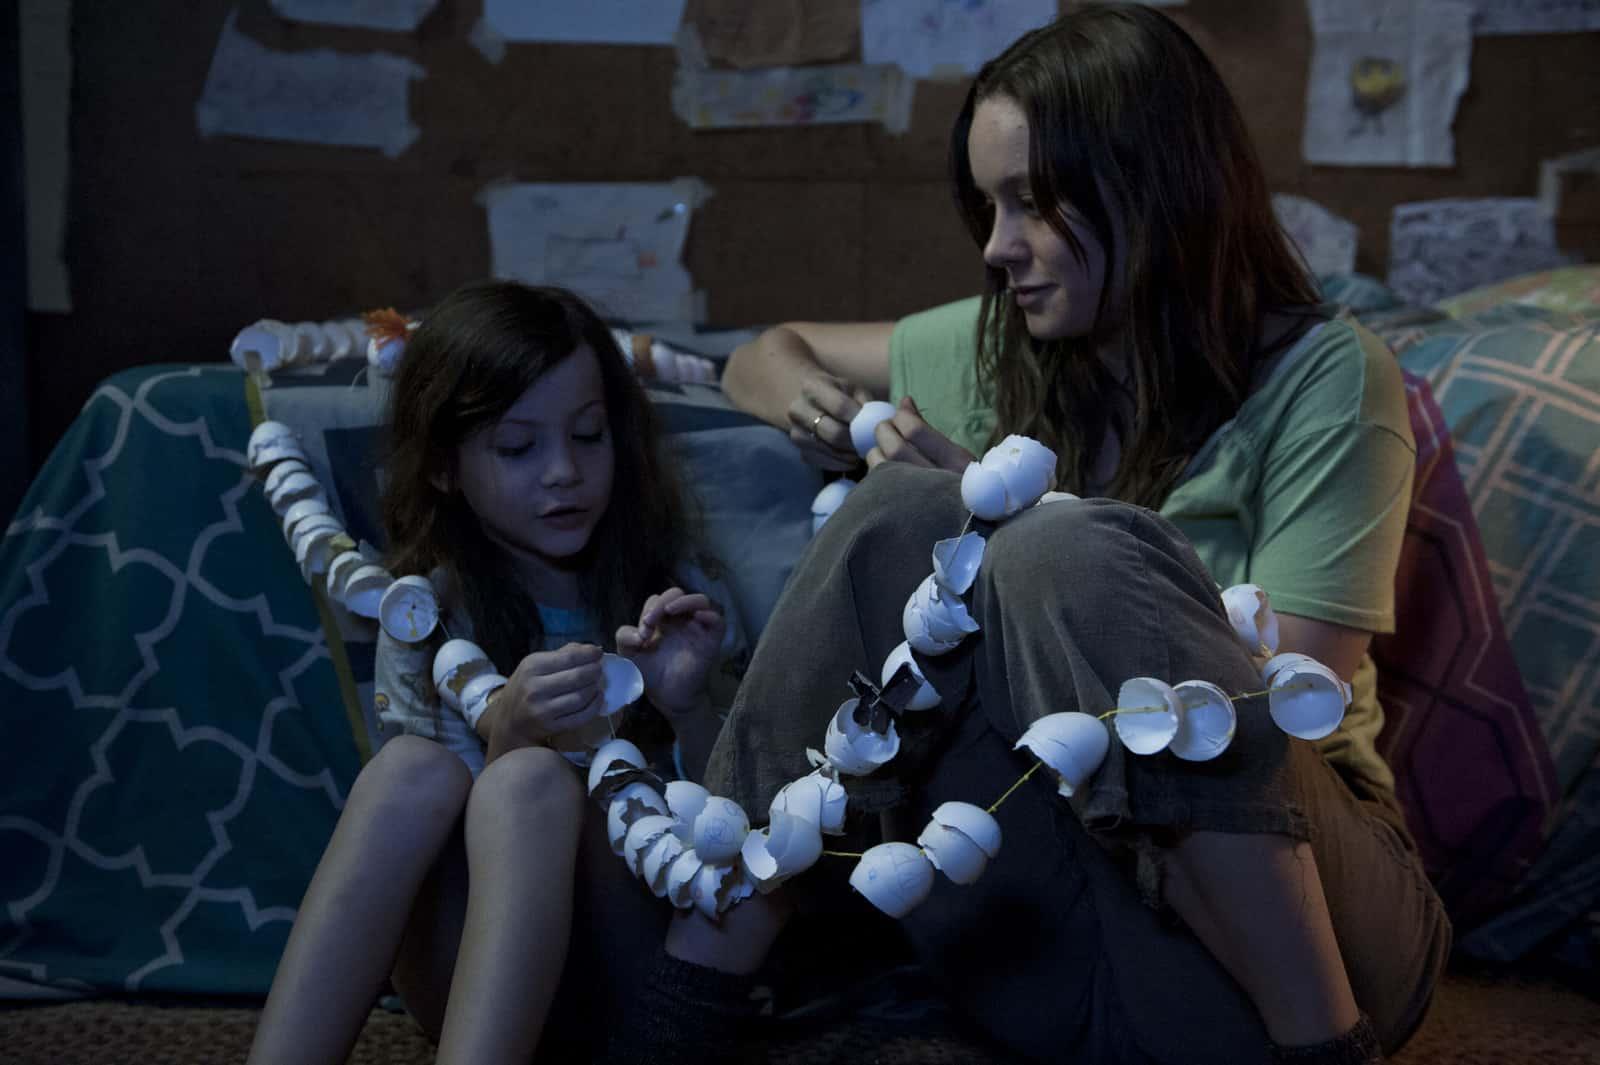 Room Brie Larson